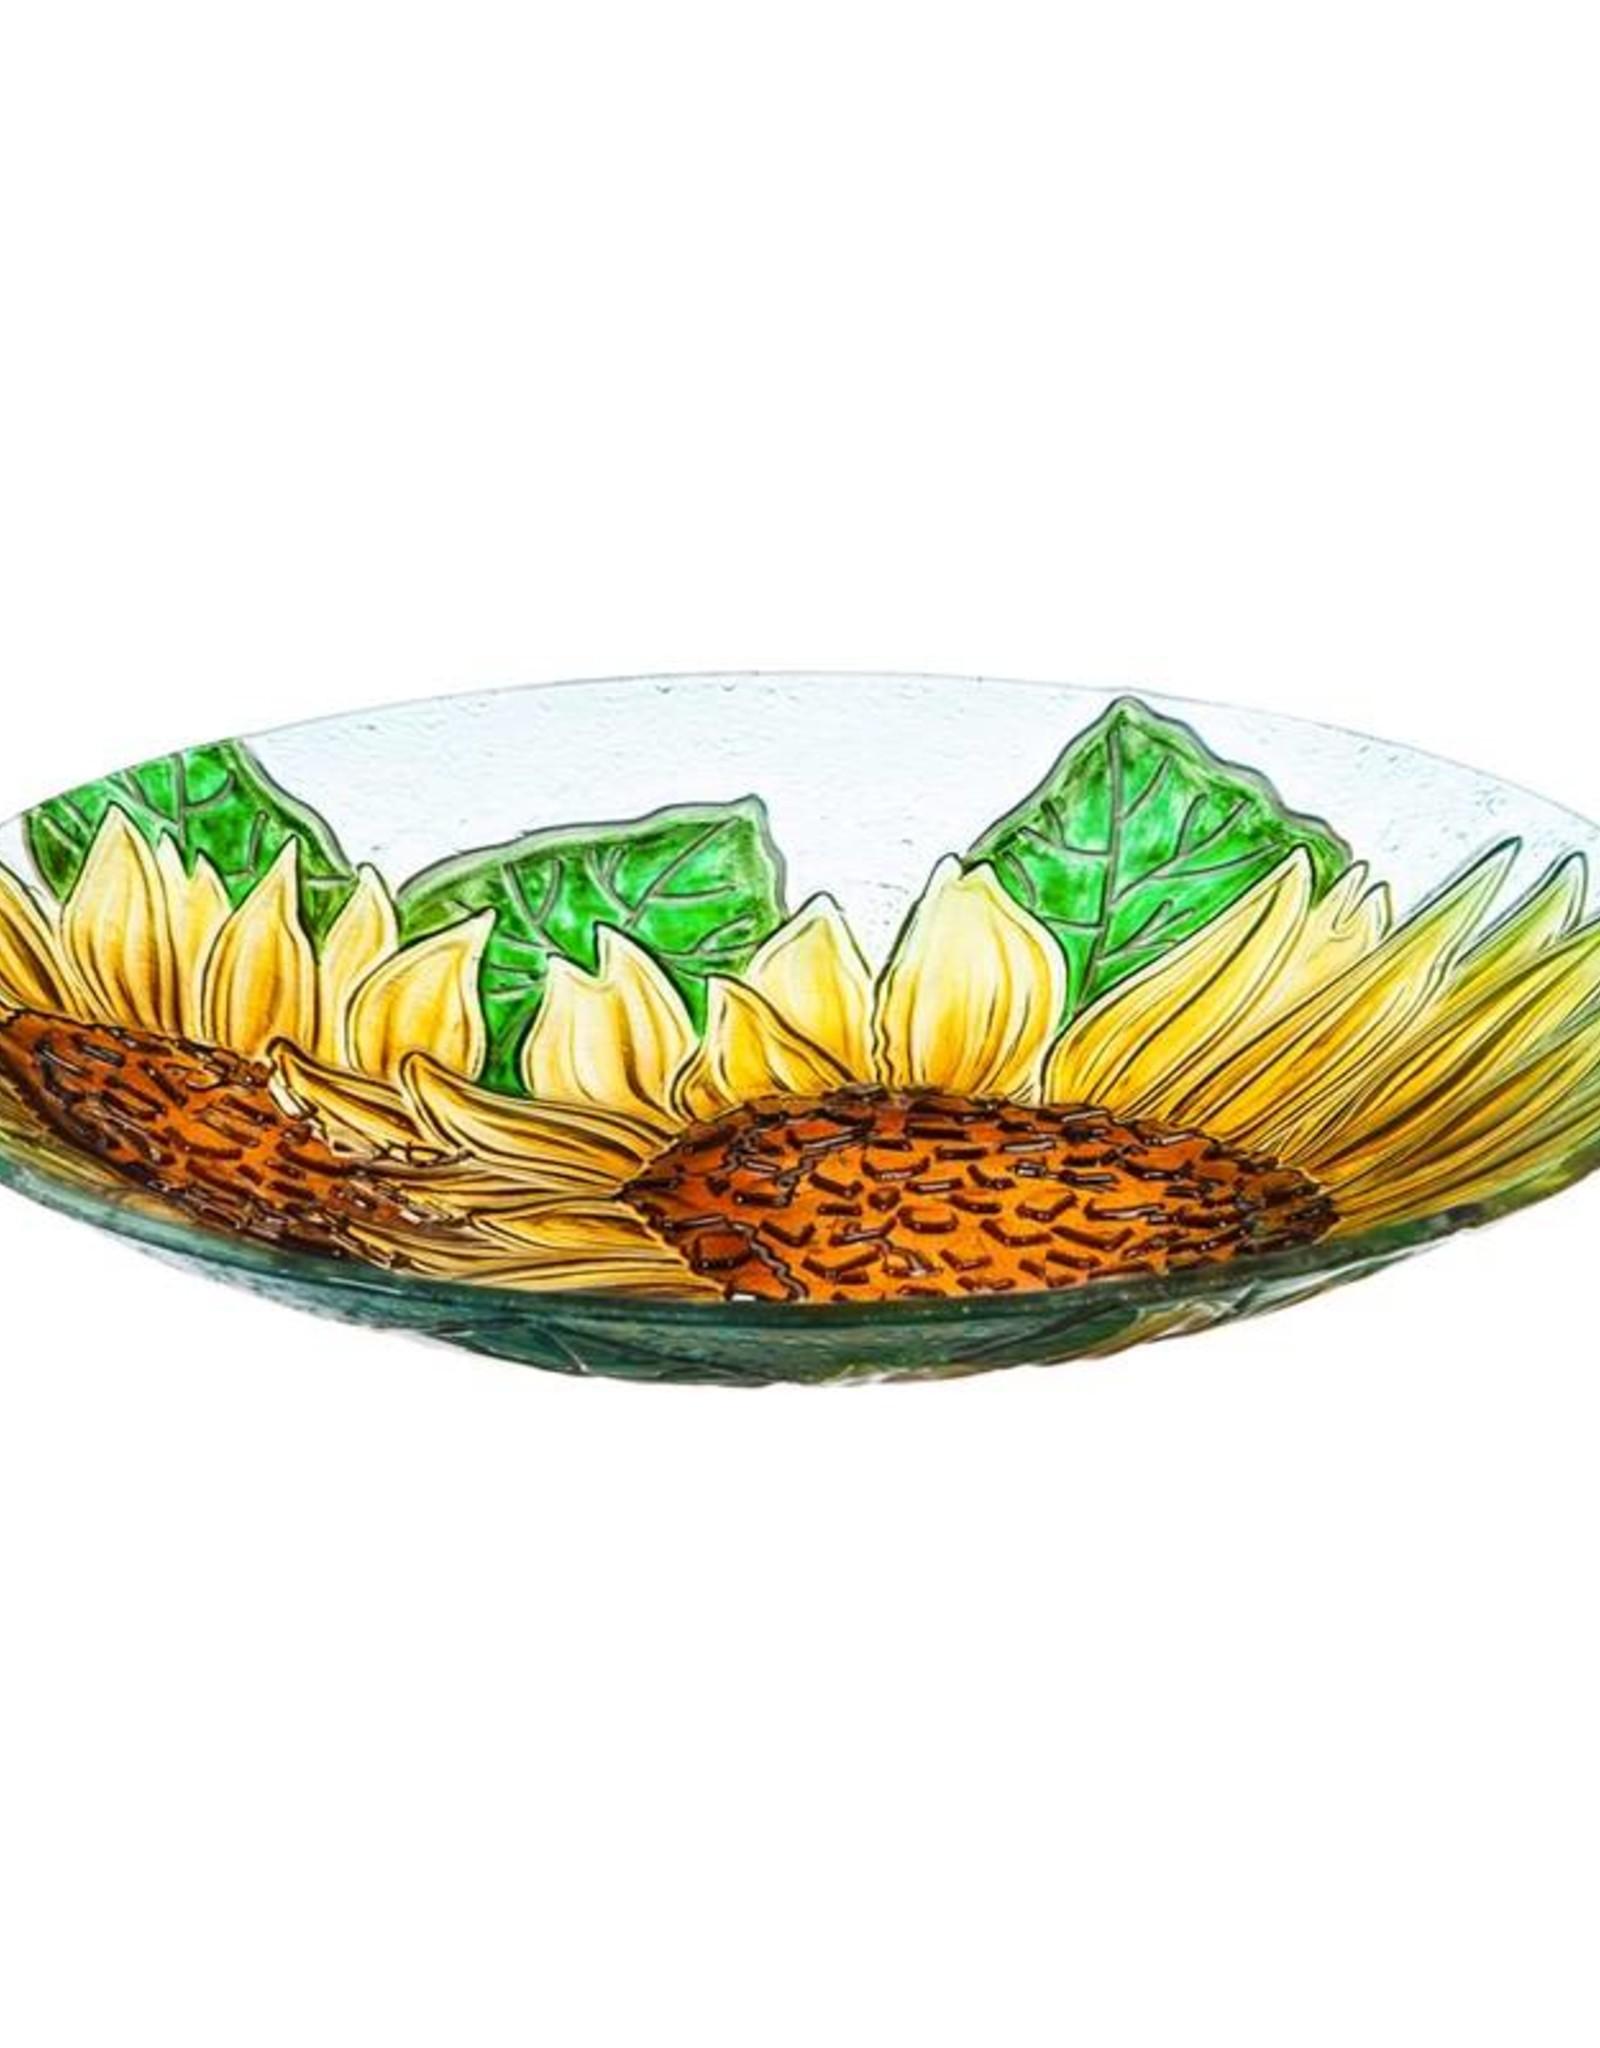 Bird Bath - Sunflowers